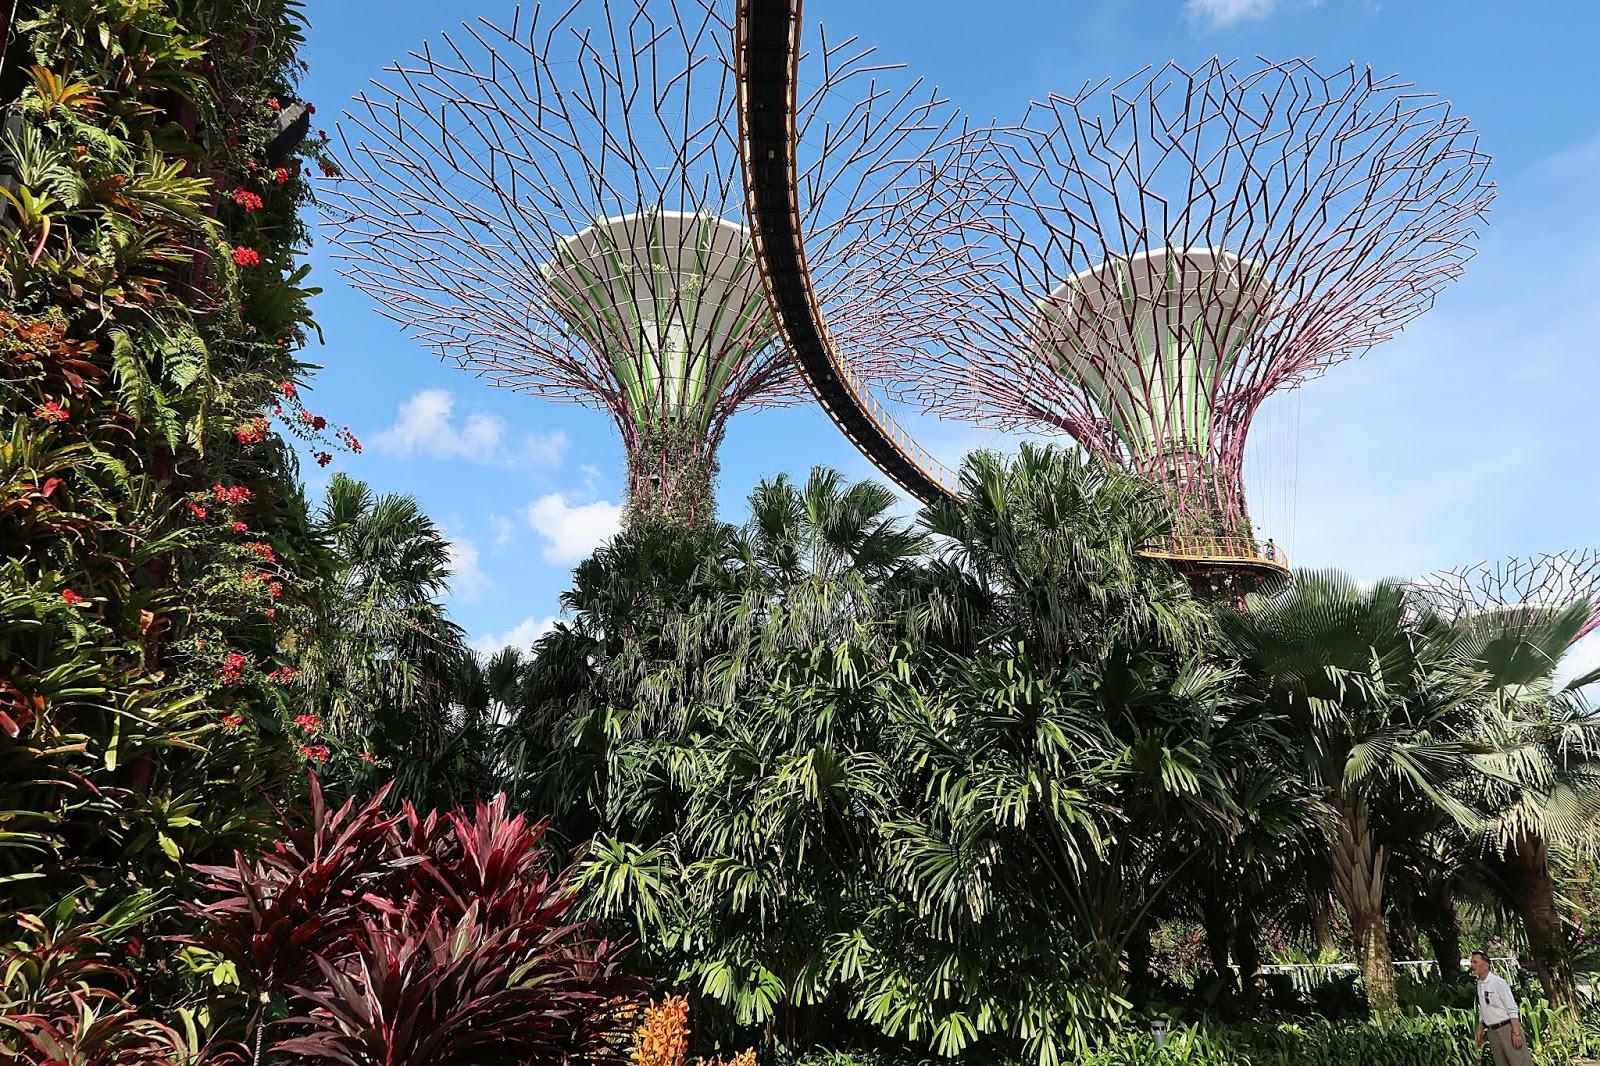 co zobaczyc w singapurze